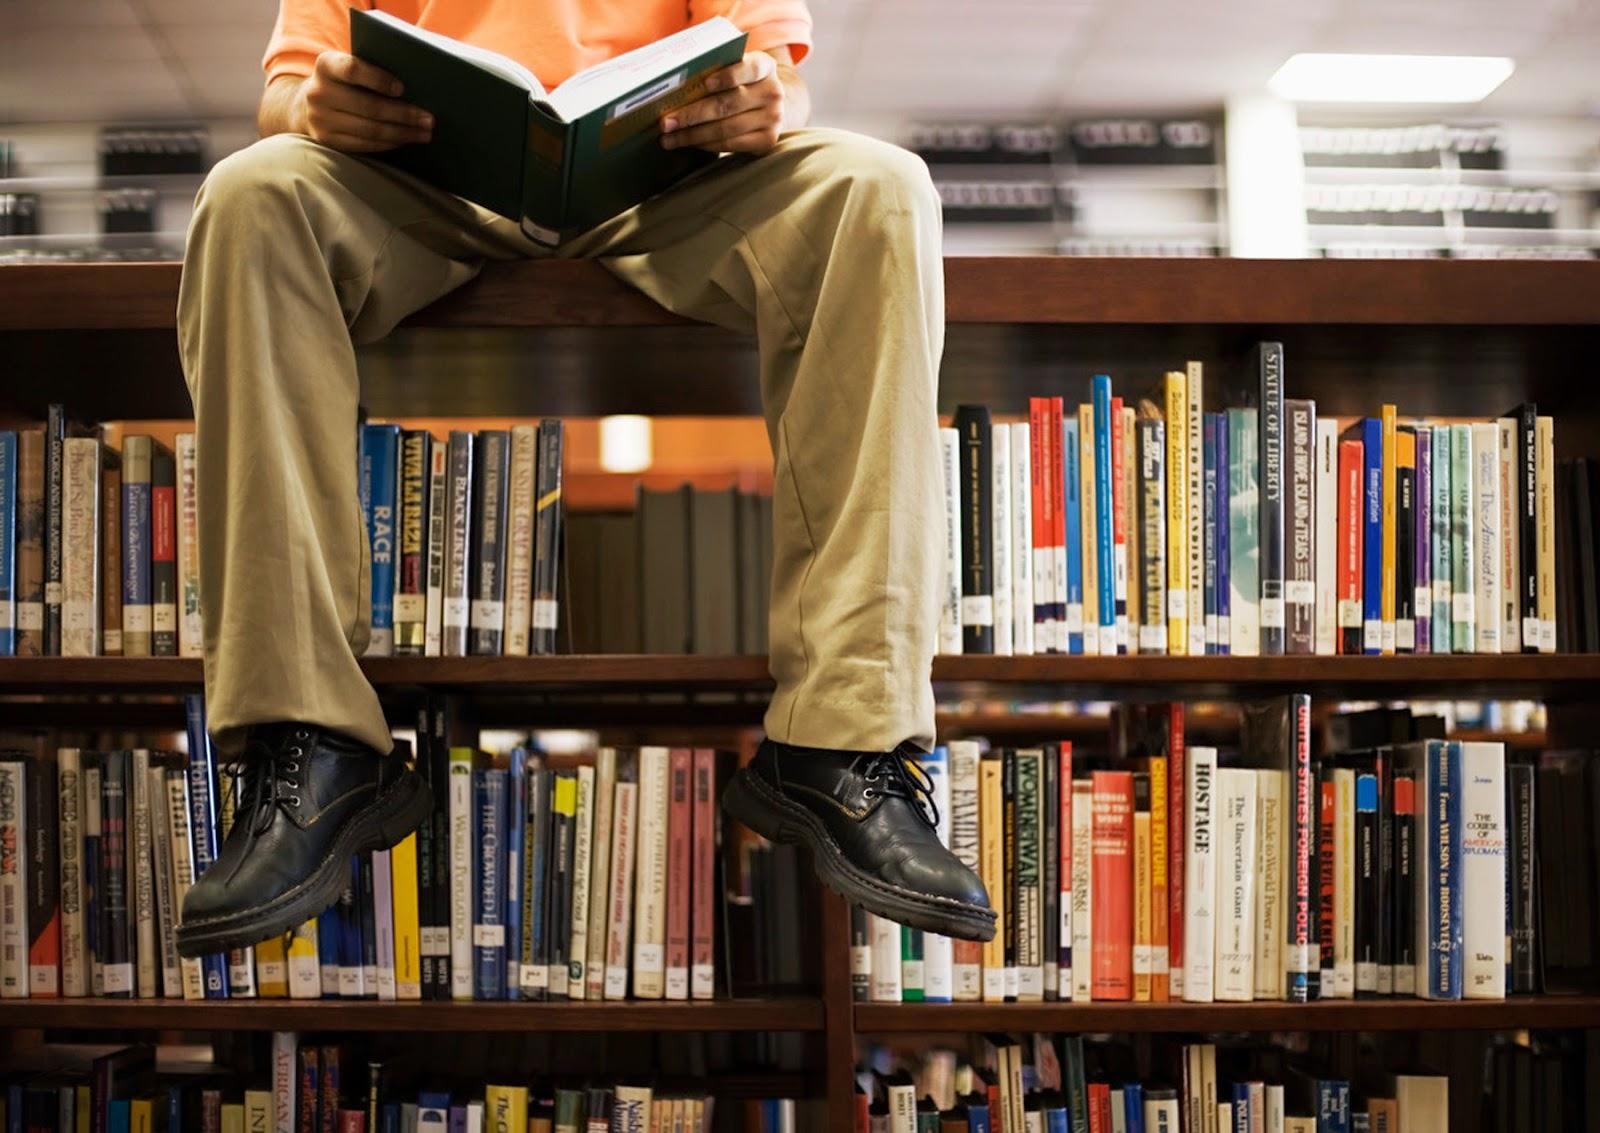 Обучение начинающих менеджеров начинается с чтения - для осмысления имеющегося опыта